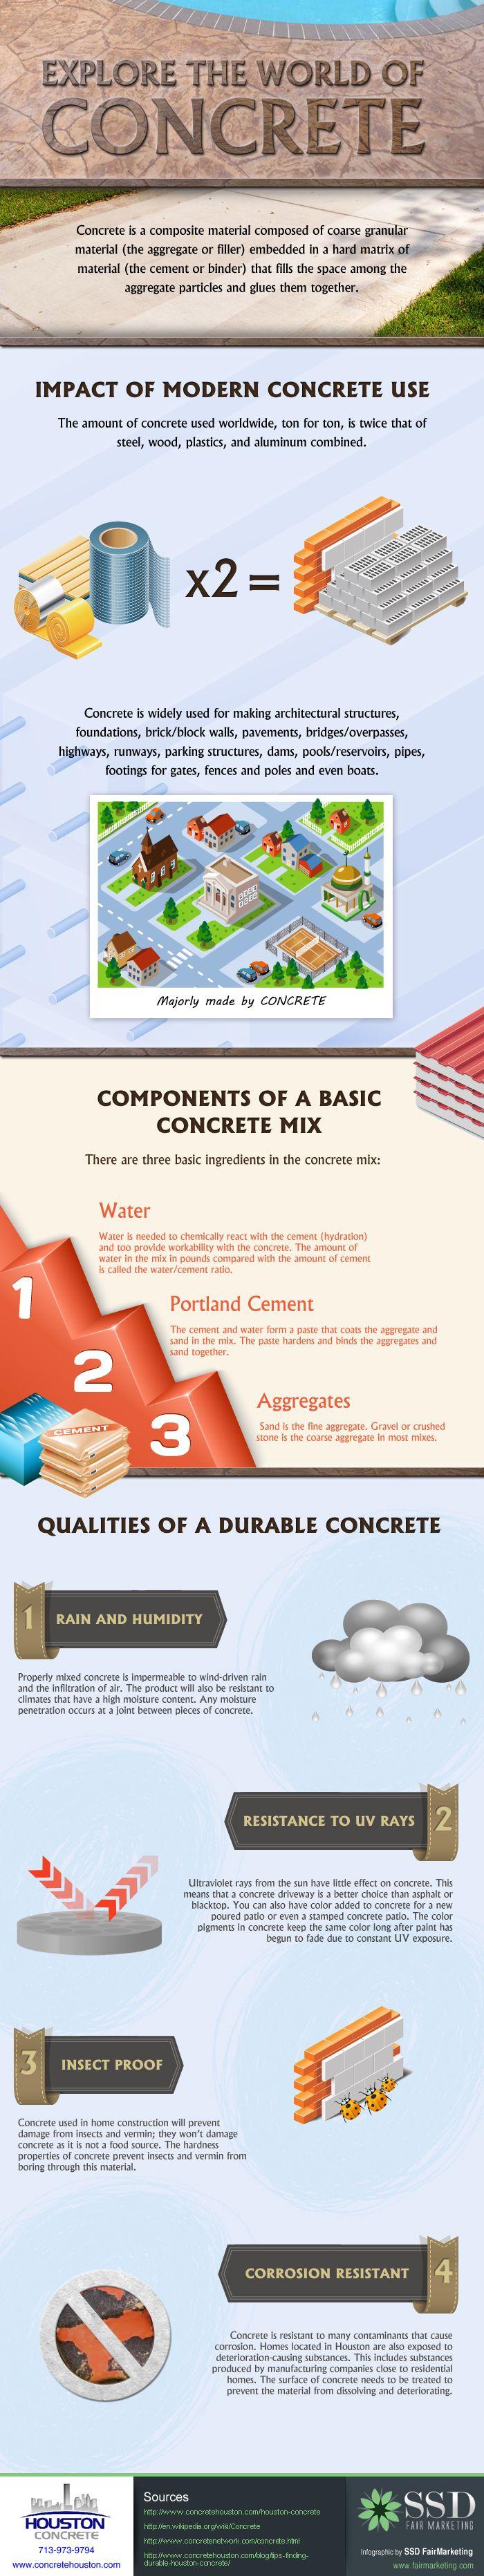 Explore The World of Concrete